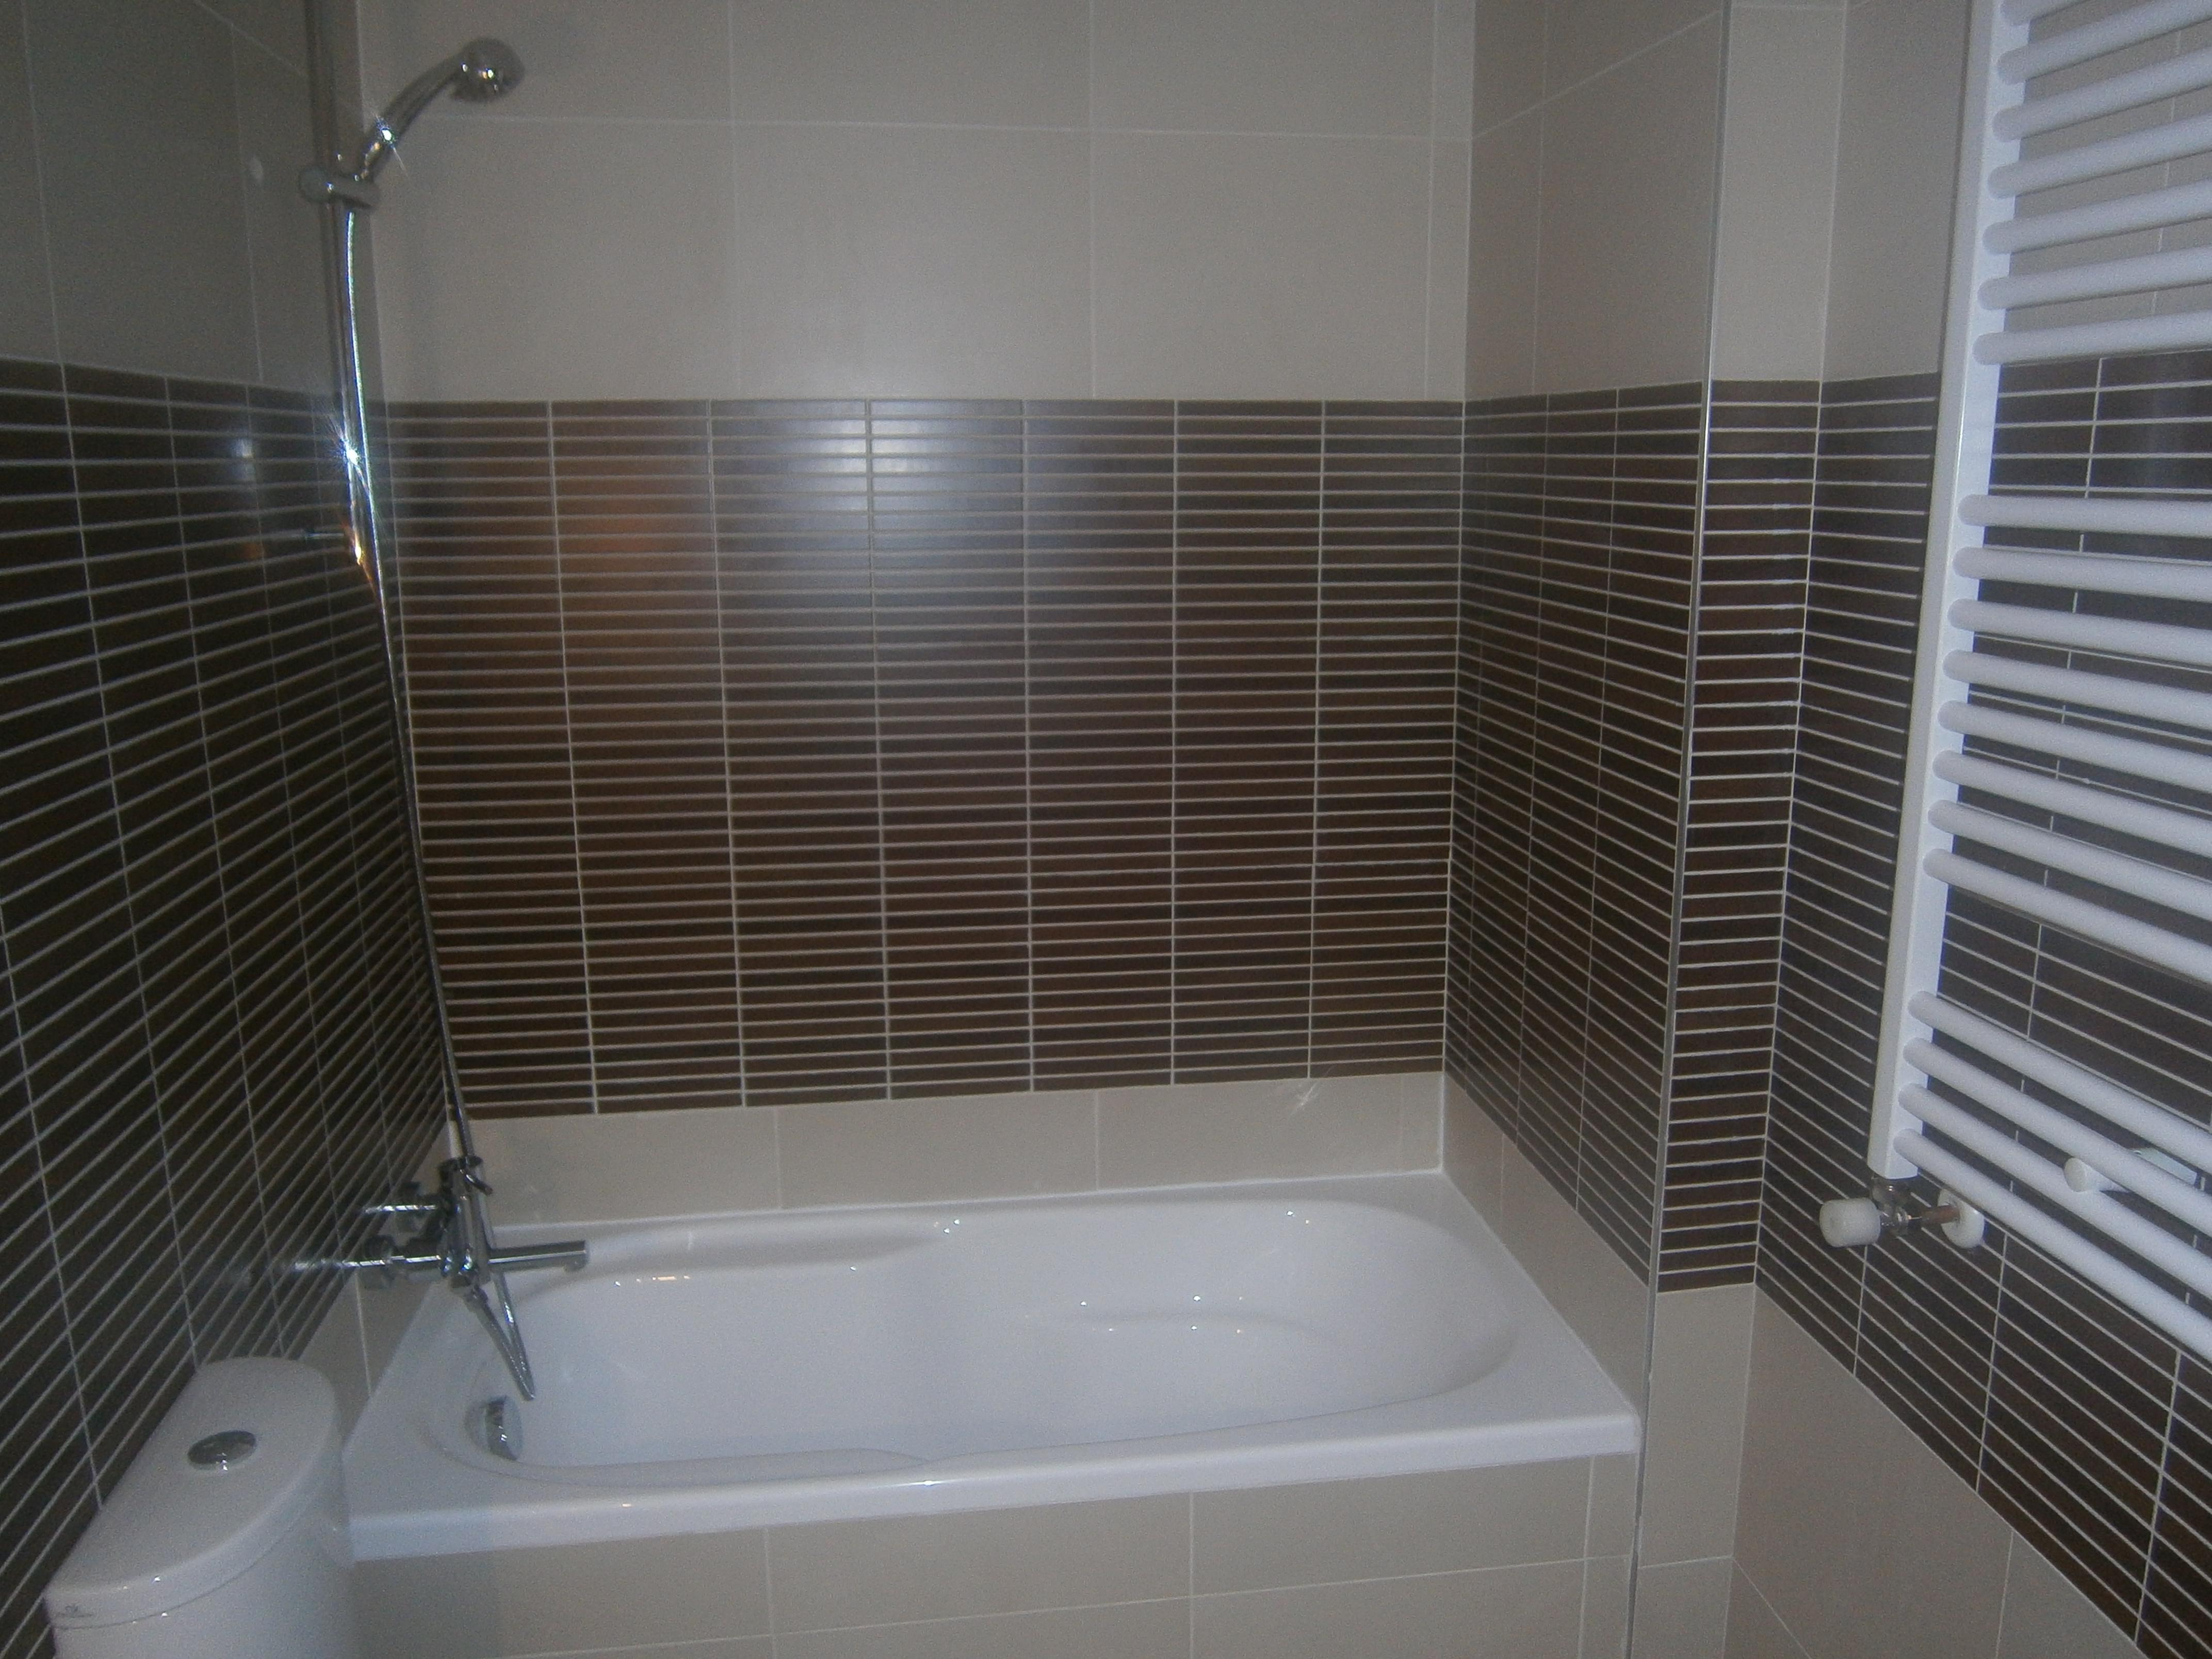 Filtros colocar azulejos en el bano baratos madrid for Accesorios cuarto de bano baratos